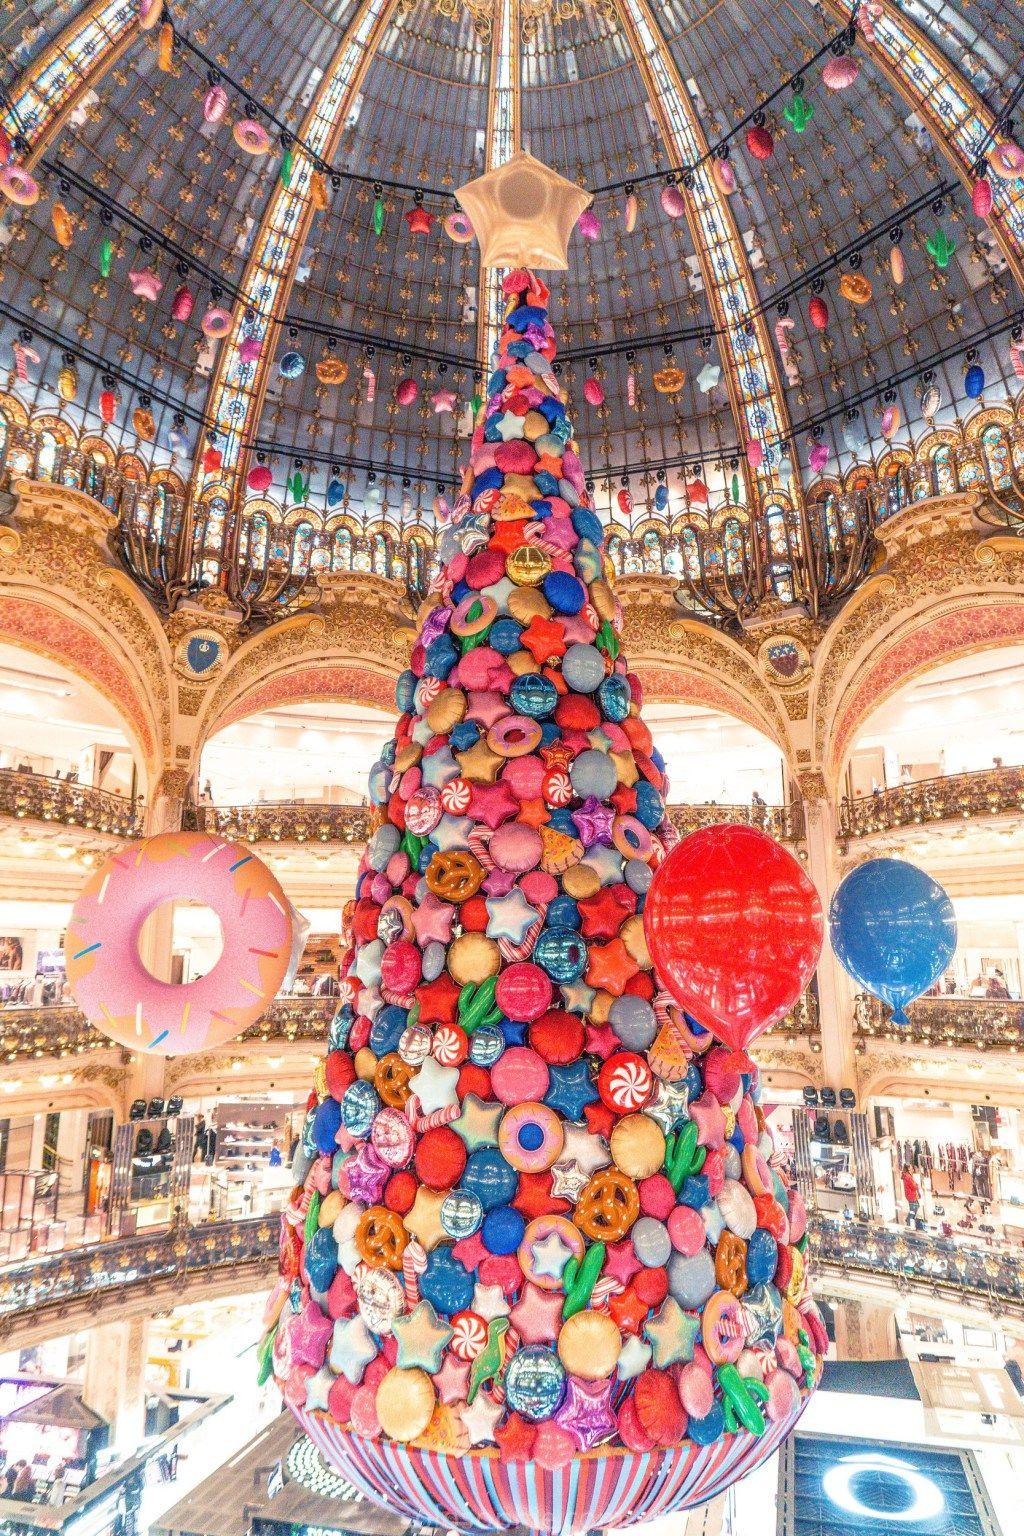 Galeries Lafayette Christmas Tree Festive Season In Paris Solosophie Christmas In Paris Christmas Tree Decorations Galeries Lafayette